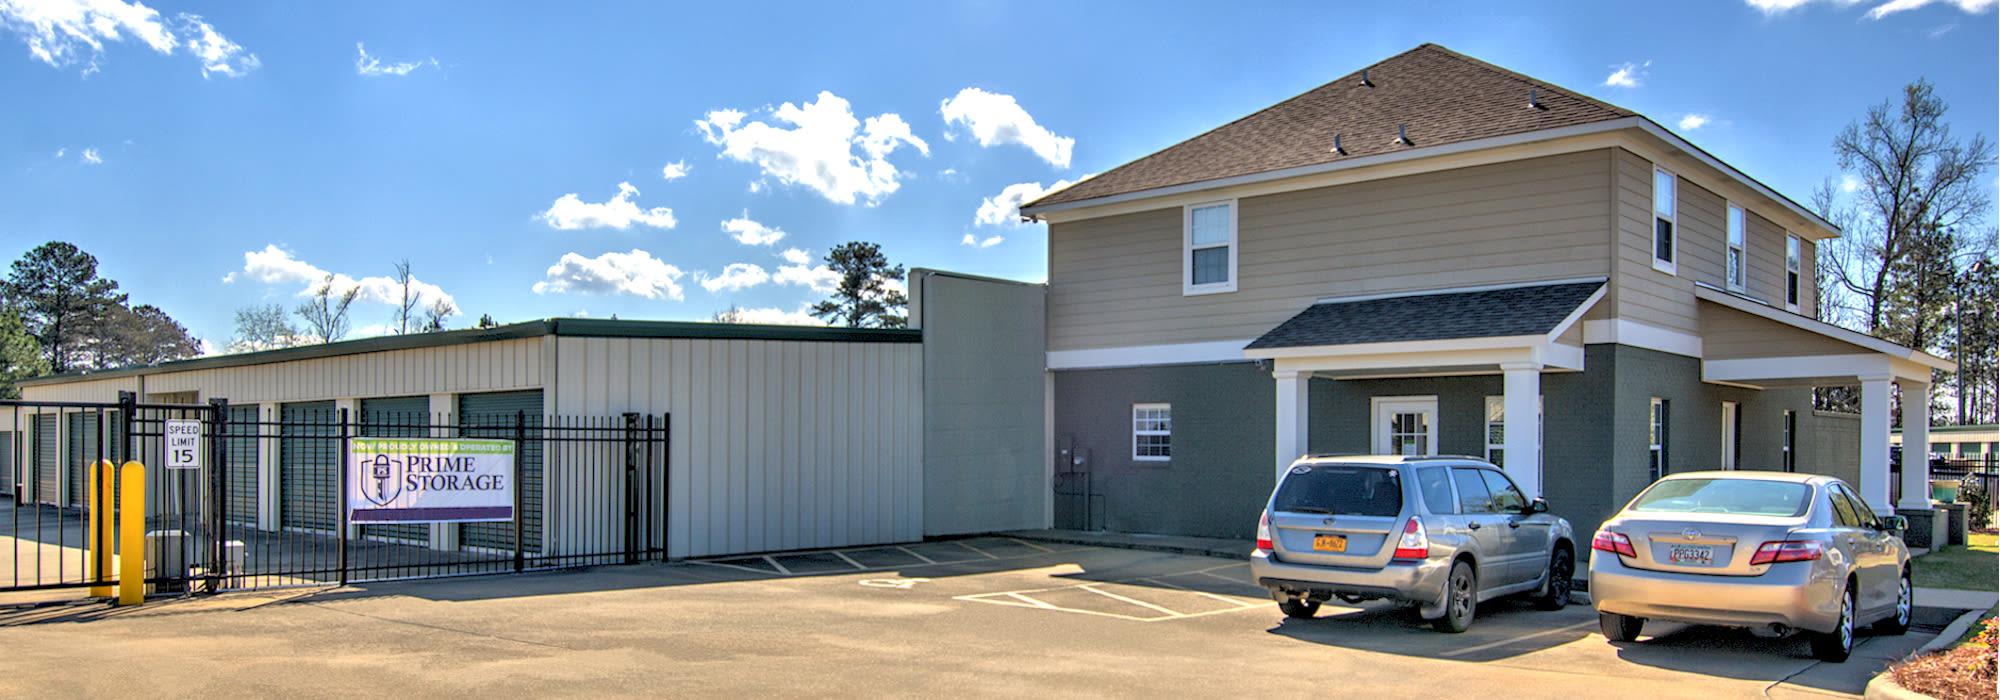 Prime Storage in Midland, GA